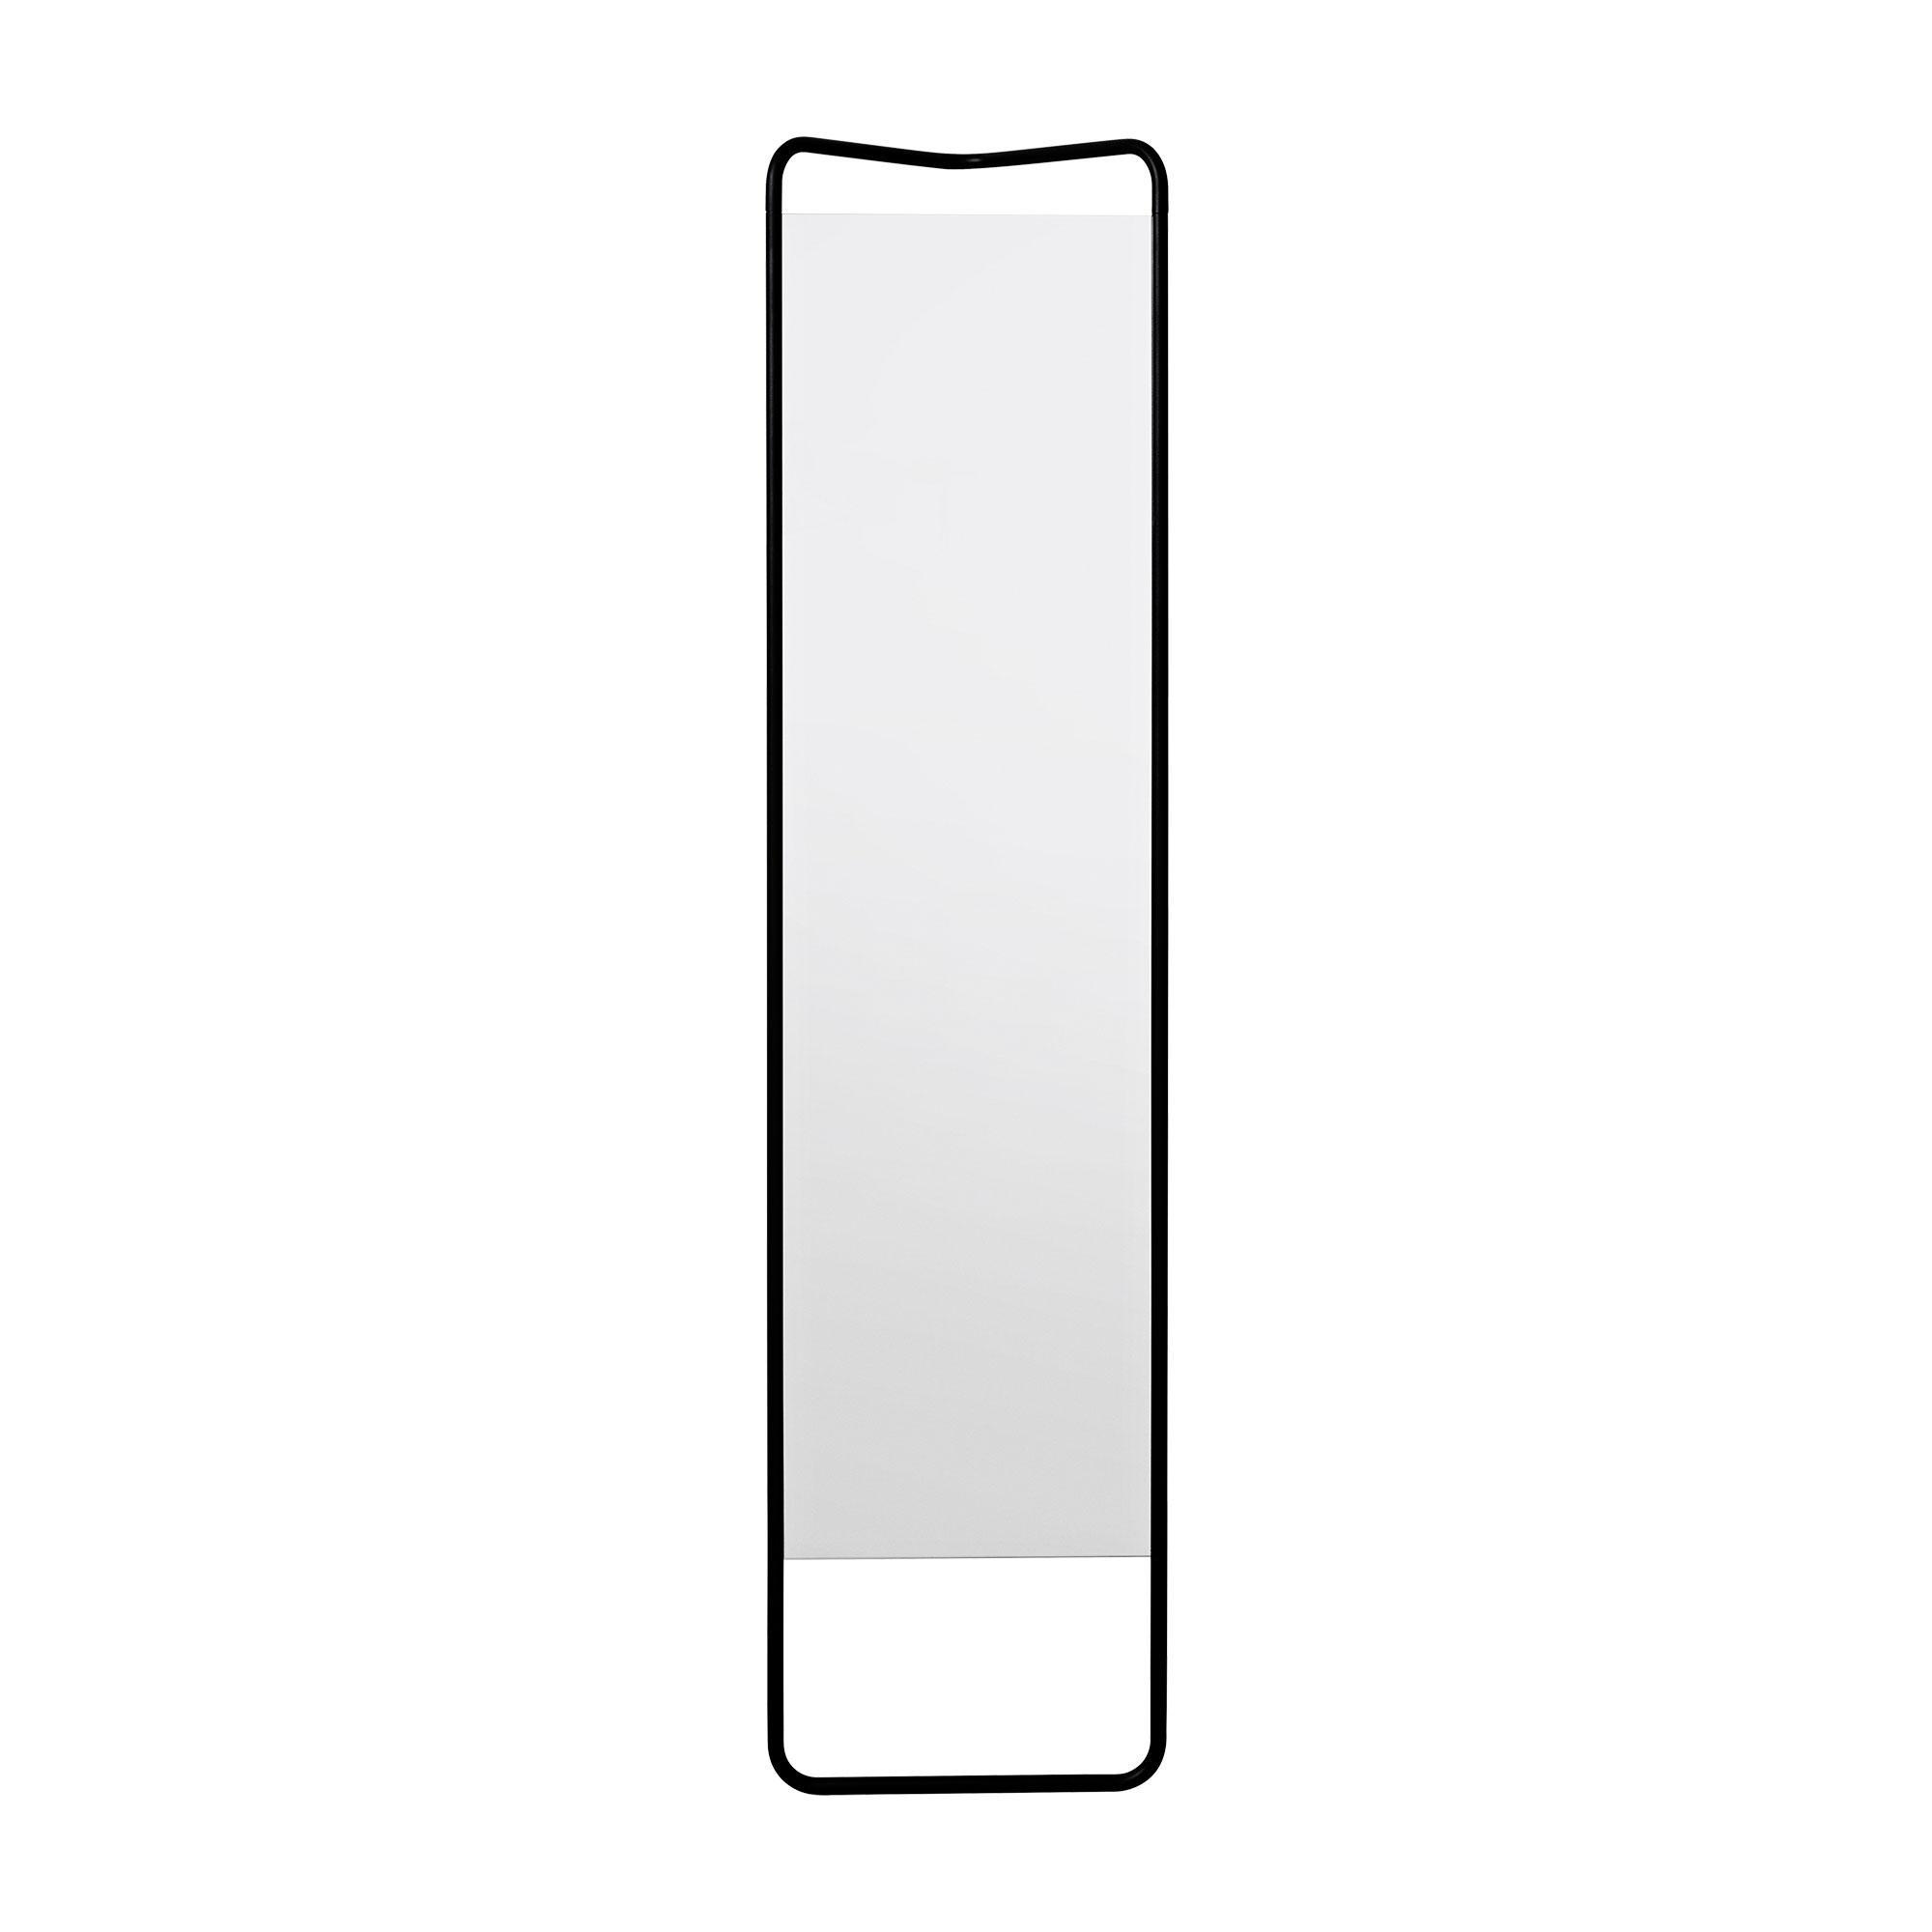 Menu - Kaschkasch Standspiegel H: 175cm - schwarz/pulverbeschichtet/BxHxT 42x175x20cm | Flur & Diele > Spiegel > Standspiegel | Schwarz | Pulverbeschichtetes aluminium| spiegelglas | Menu